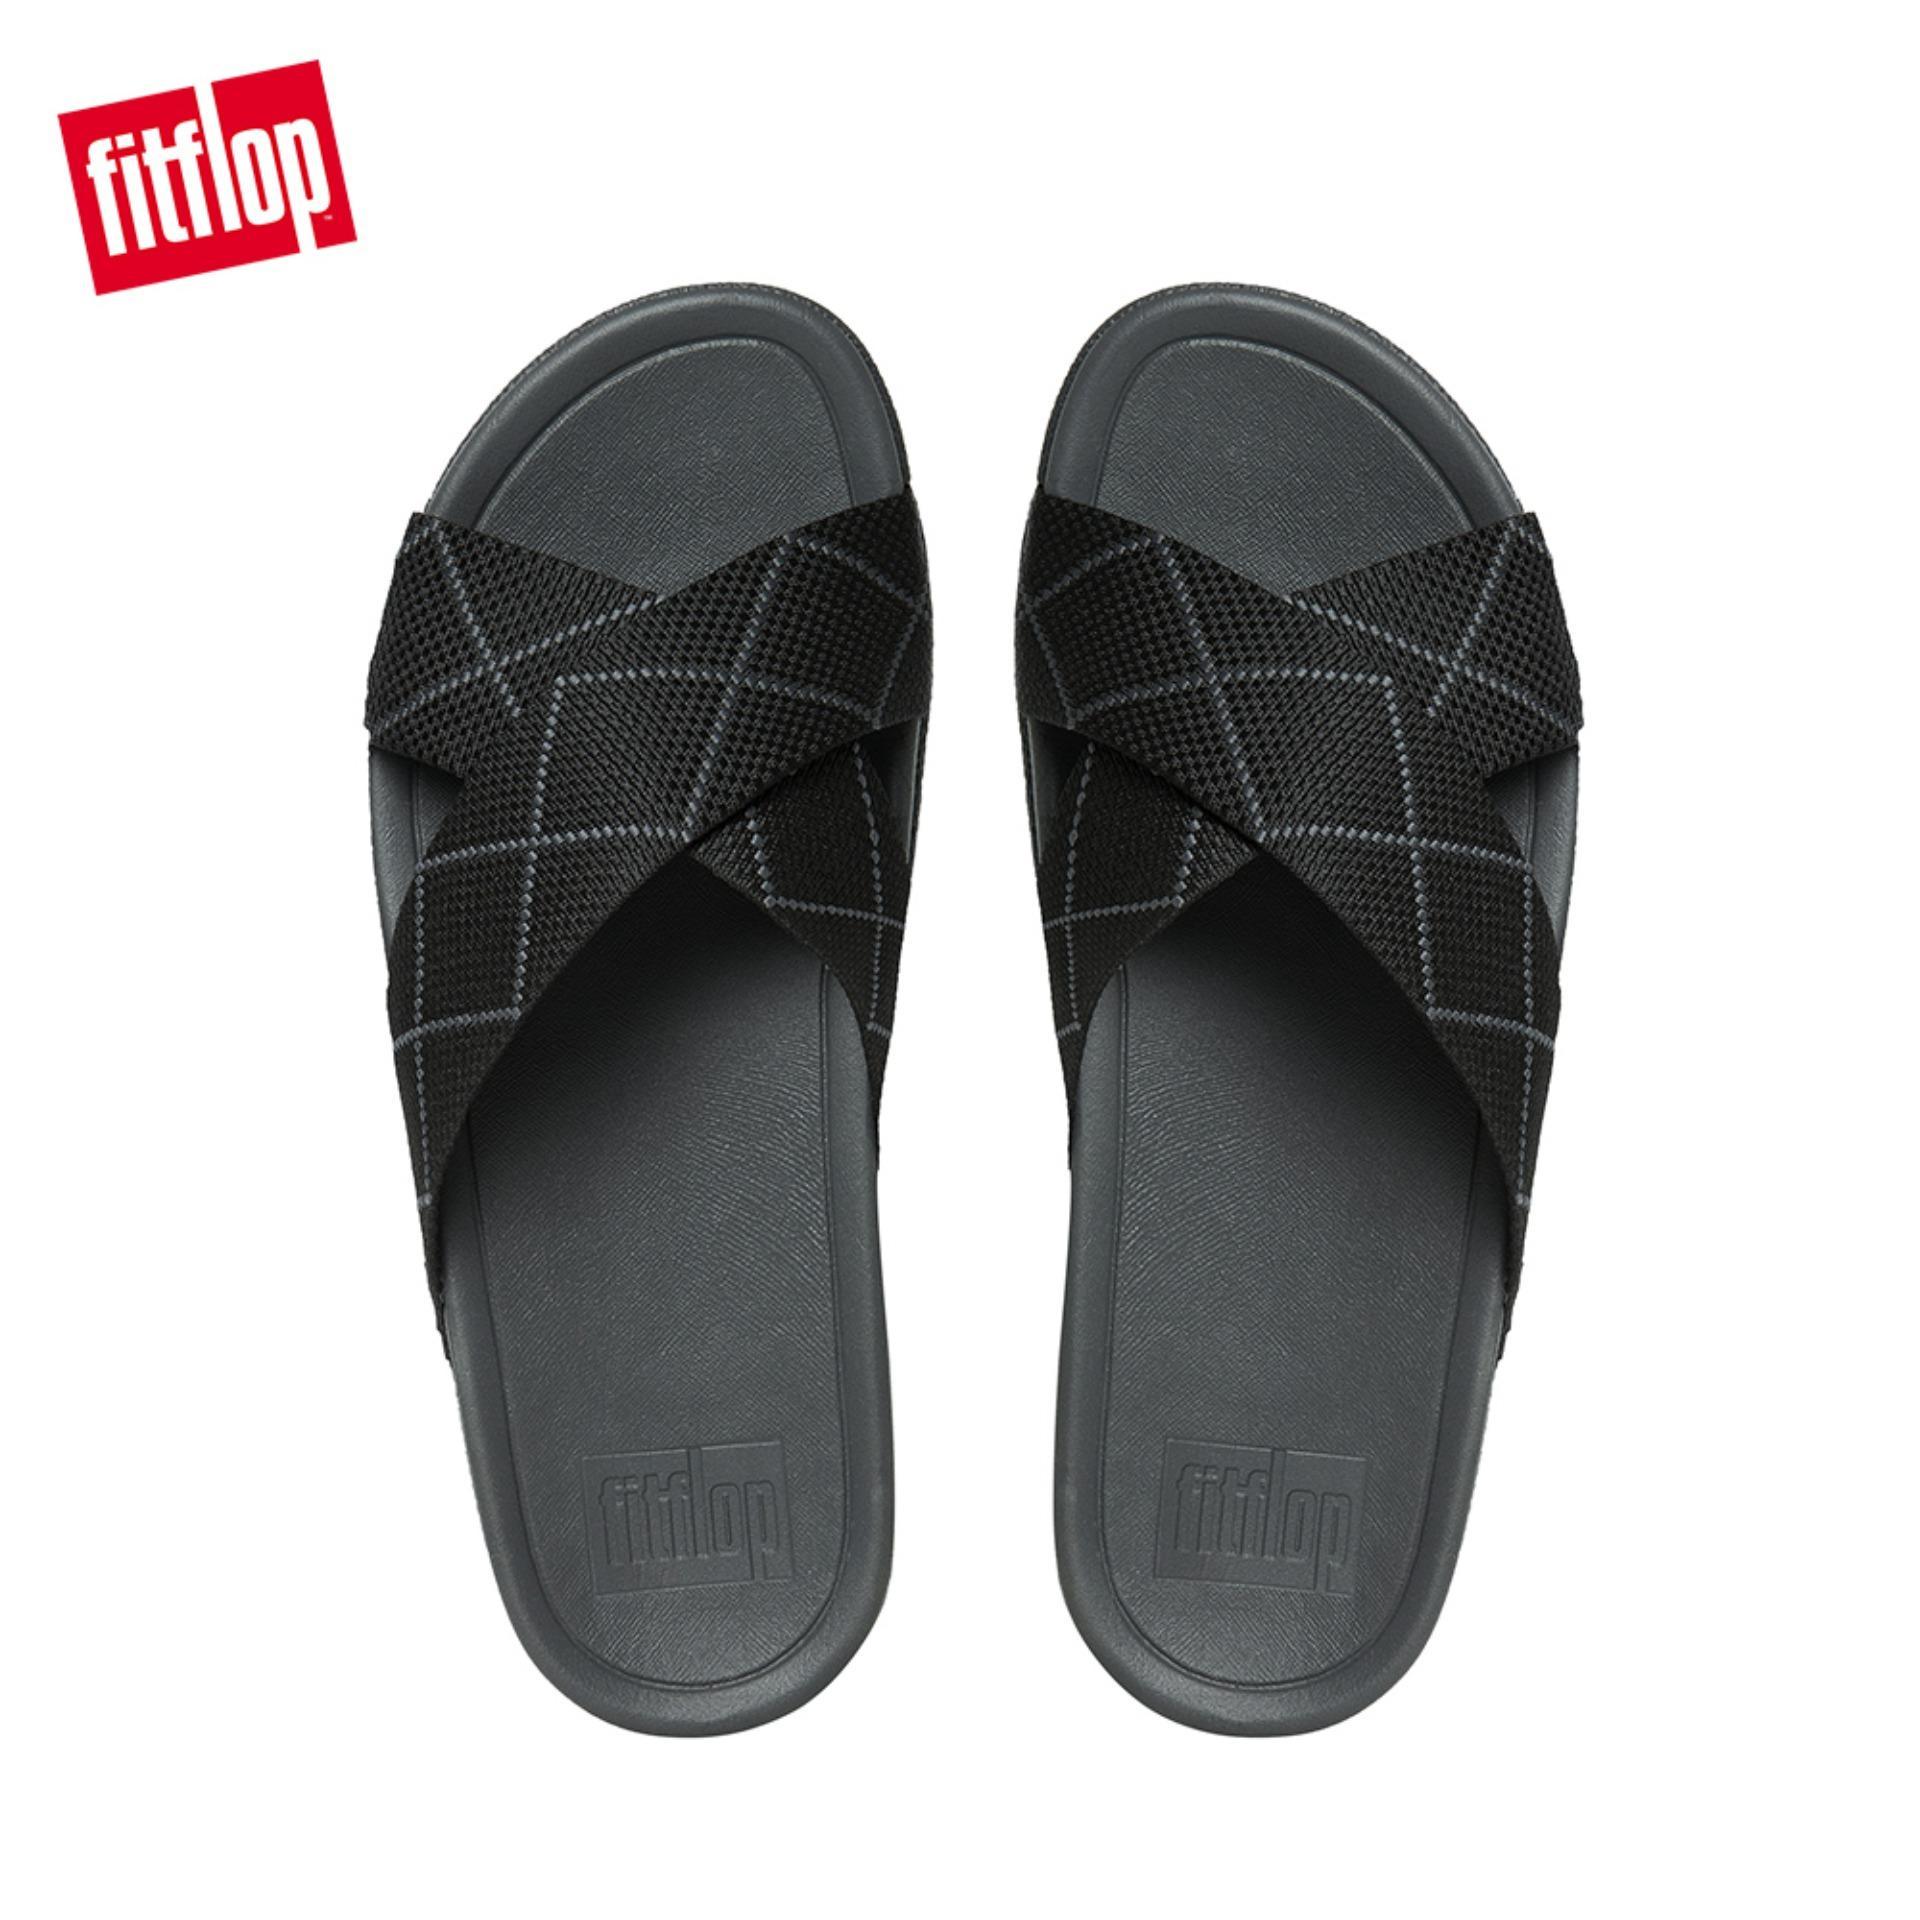 Mens Footwear For Sale Flip Flops And Sandals Online Brands Sendal Adidas Adilette Original Fitflop H08 Surfer Dyno Slide